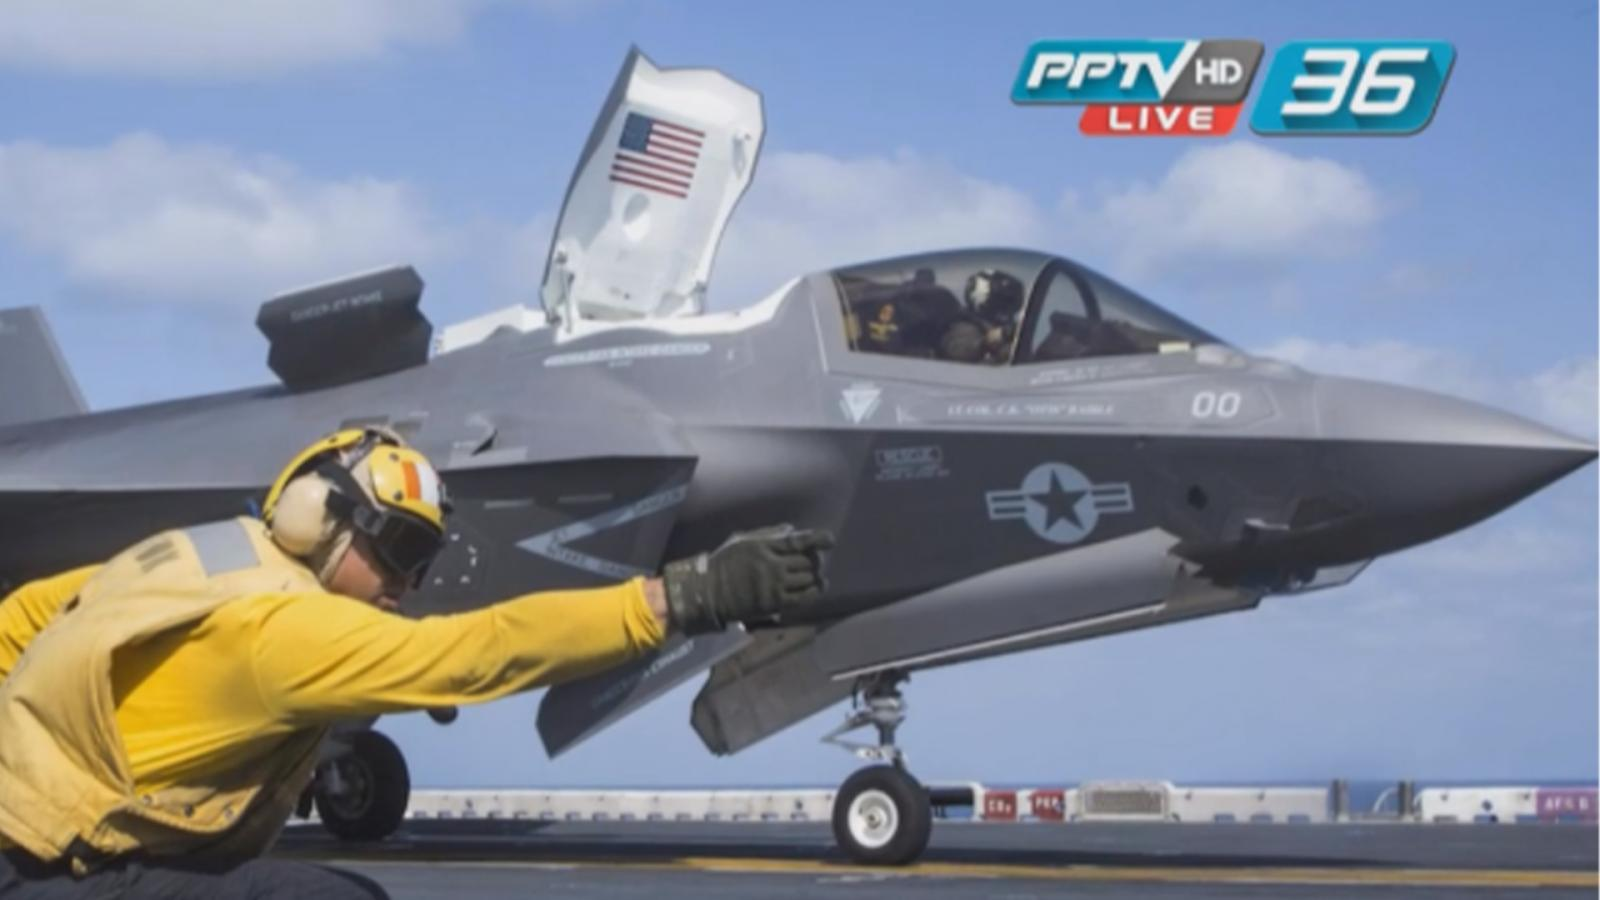 สหรัฐฯ ไฟเขียวขายเครื่องบินรบ F-35 ให้สิงคโปร์